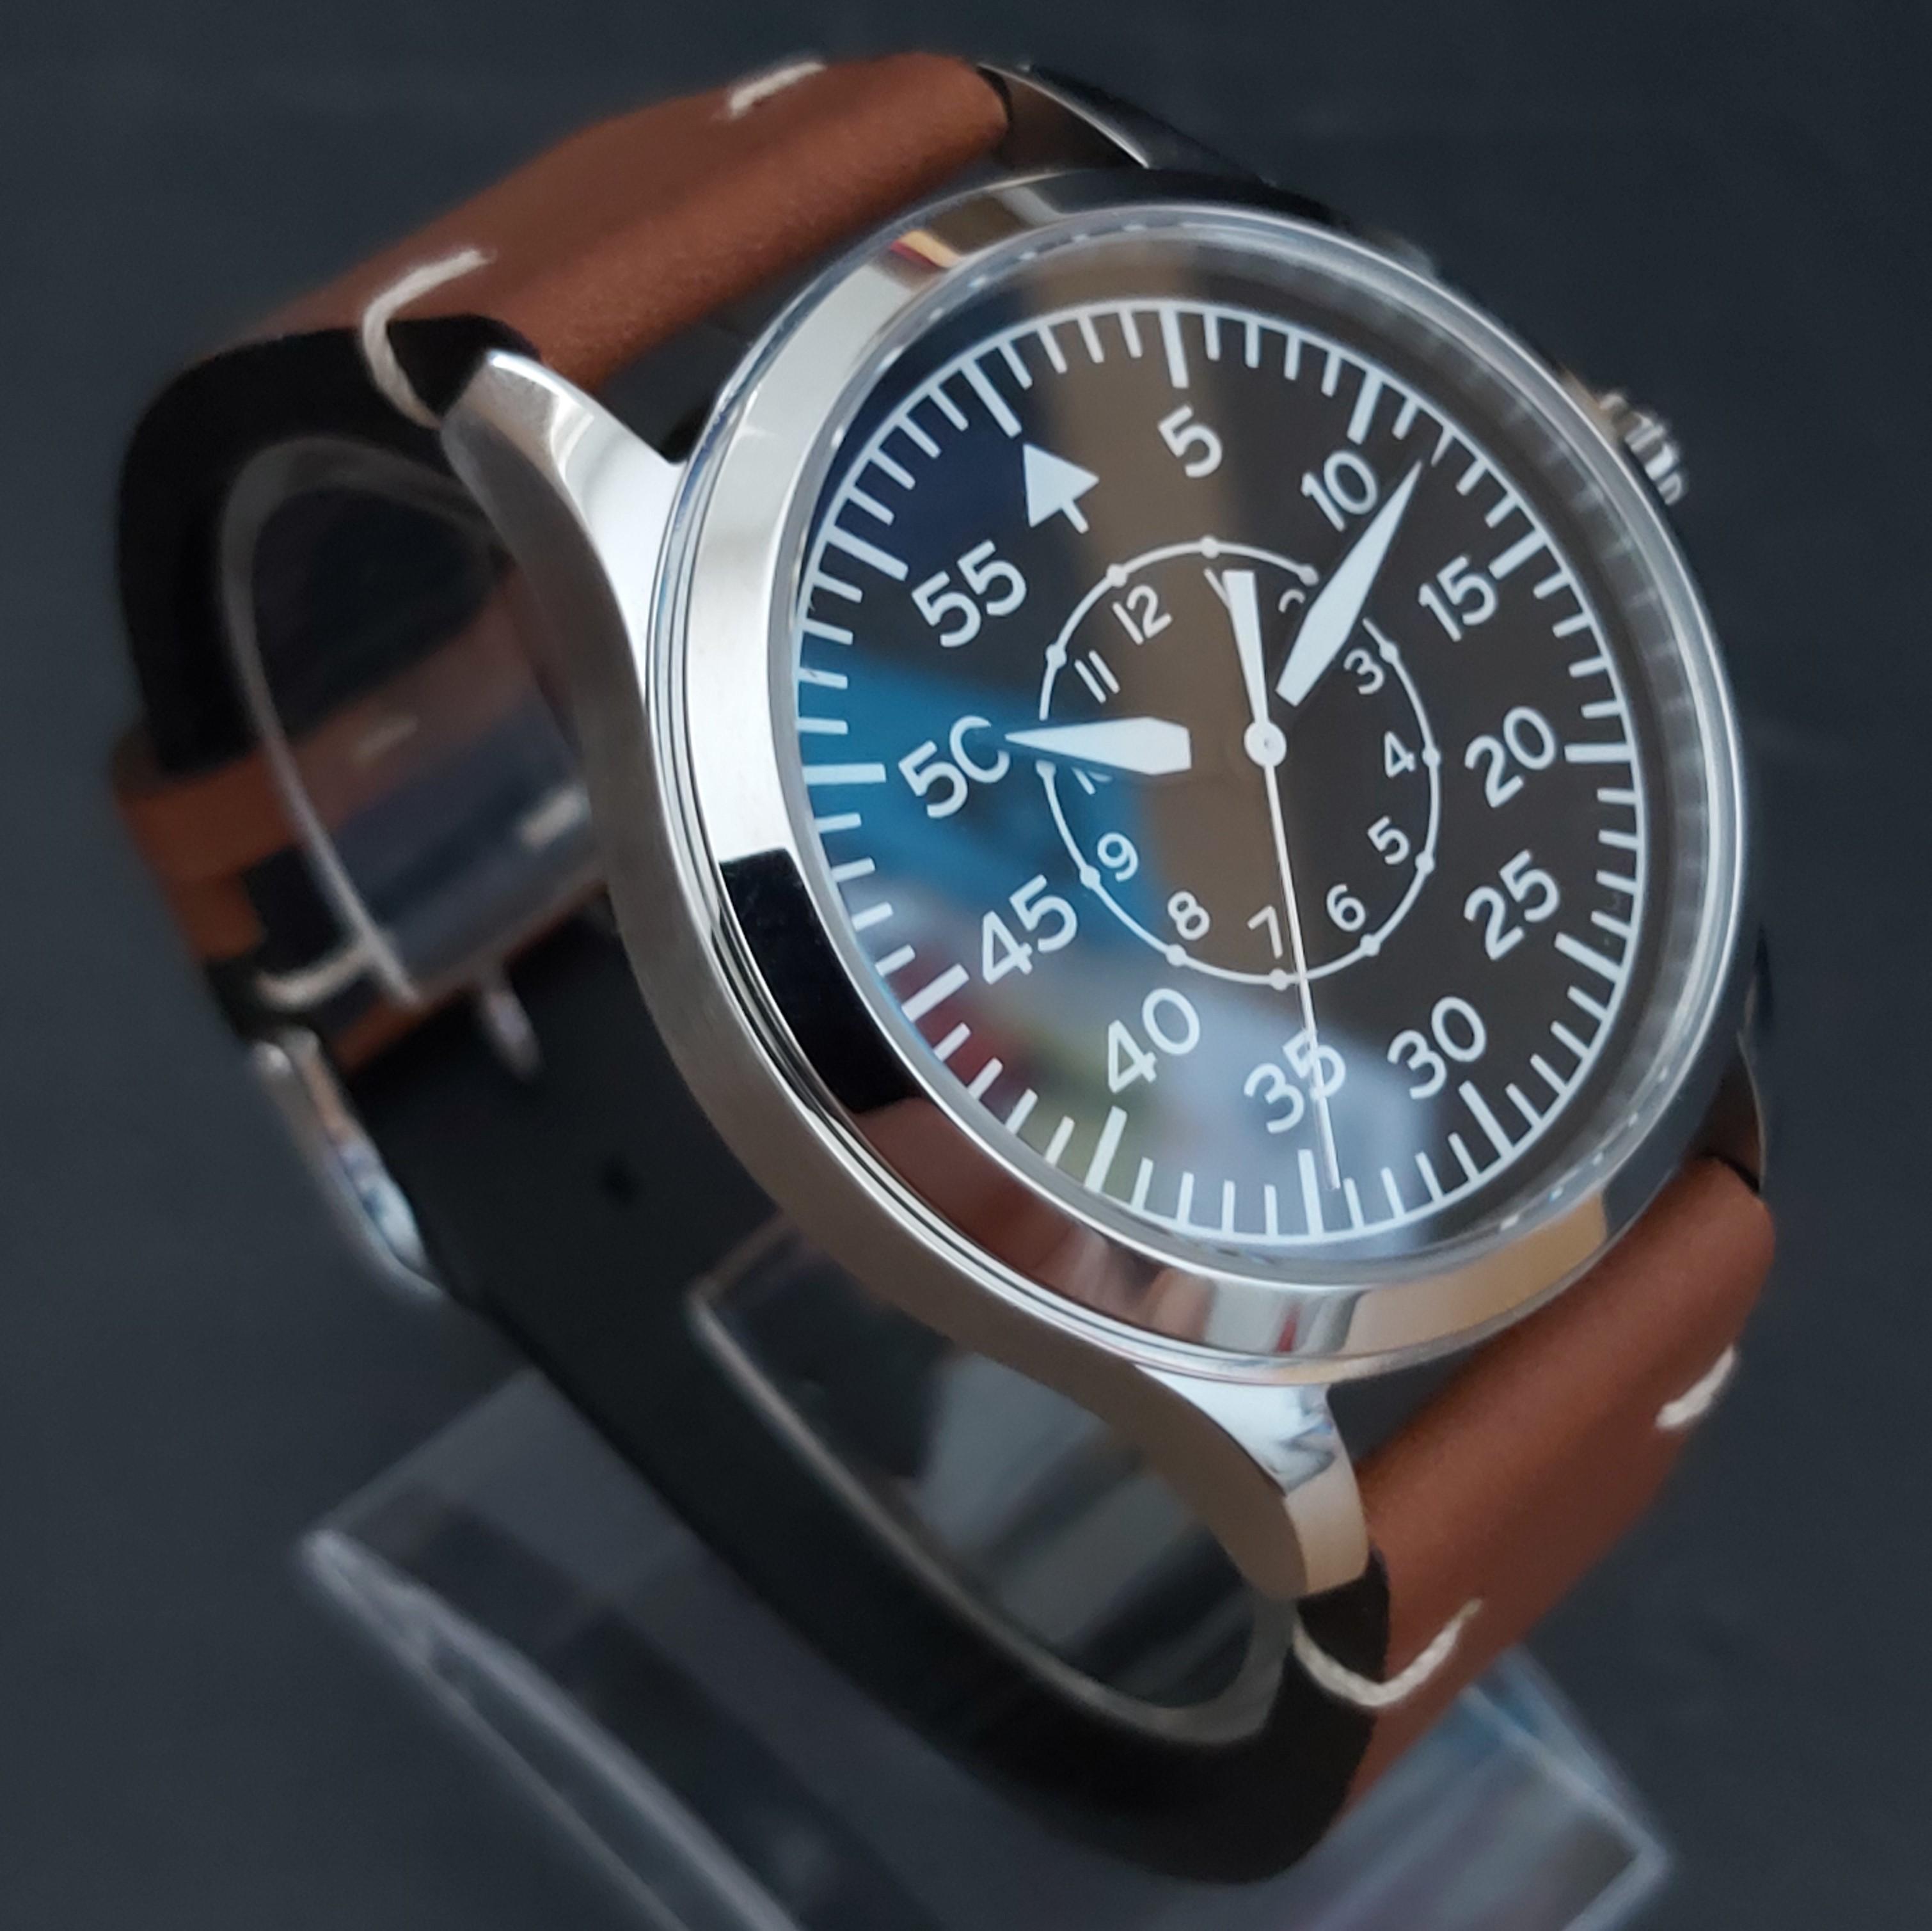 Corgeut Flieger-B 42mm Sapphire Pilot's watch